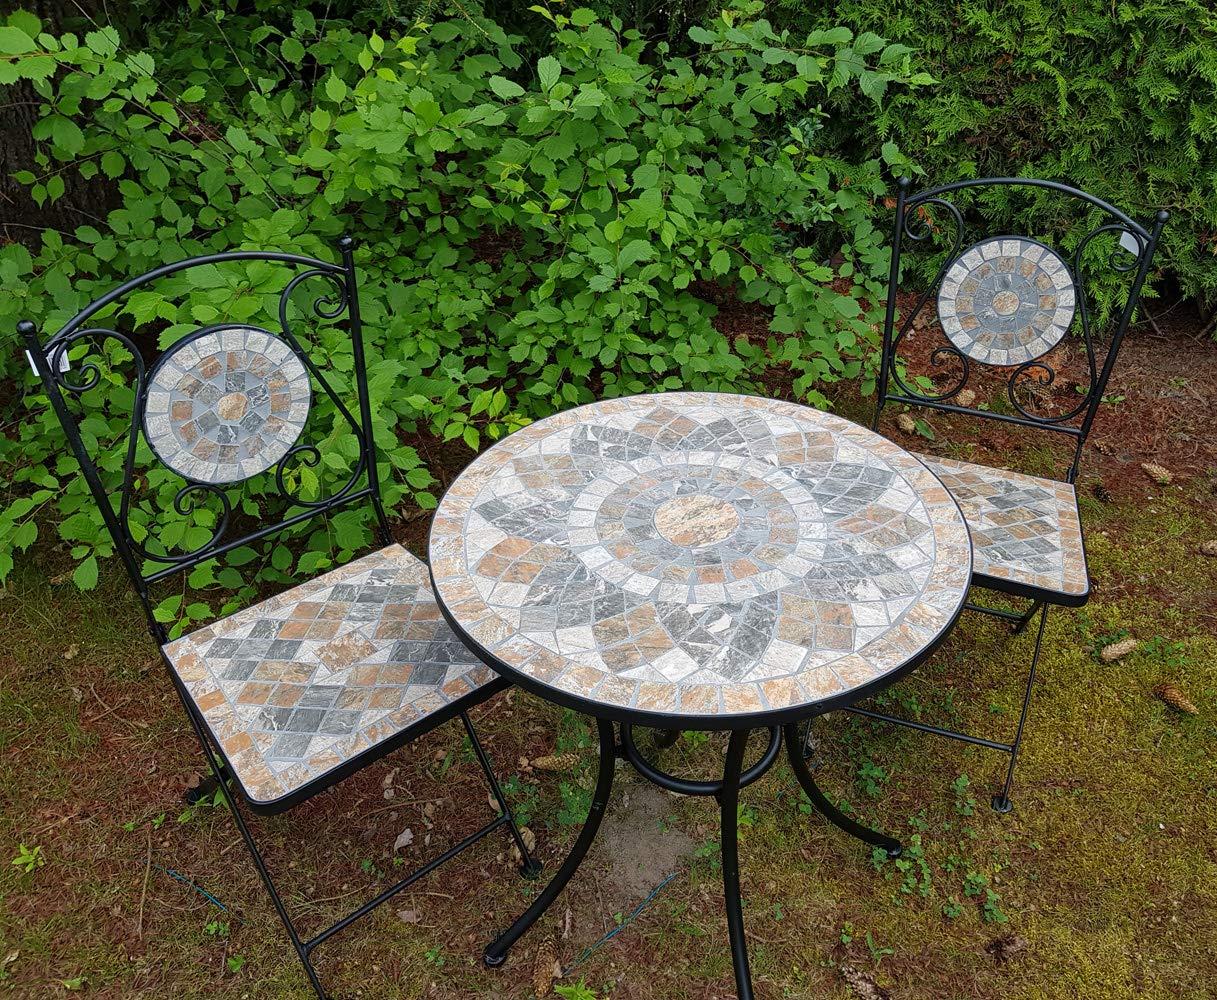 K&L Wall Art Juego de Muebles de jardín : 2 sillas y Mesa con Bonito diseño de Mosaico de Piedra, robustos, para Interior y Exterior, Resistente al Invierno: Amazon.es: Jardín